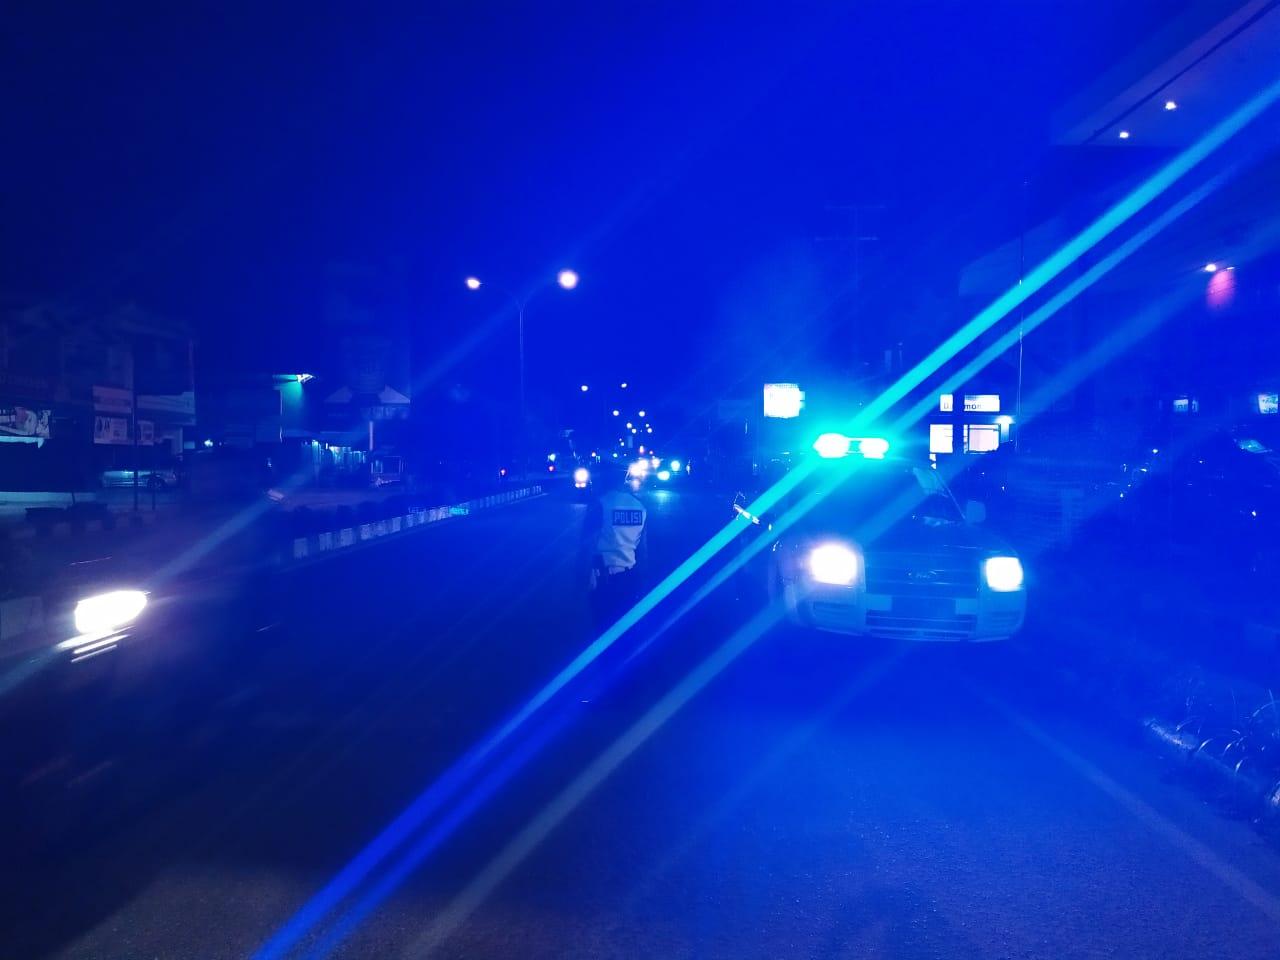 Cegah Aksi Balap Liar, Satlantas Polres Ketapng Patroli Suar Biru